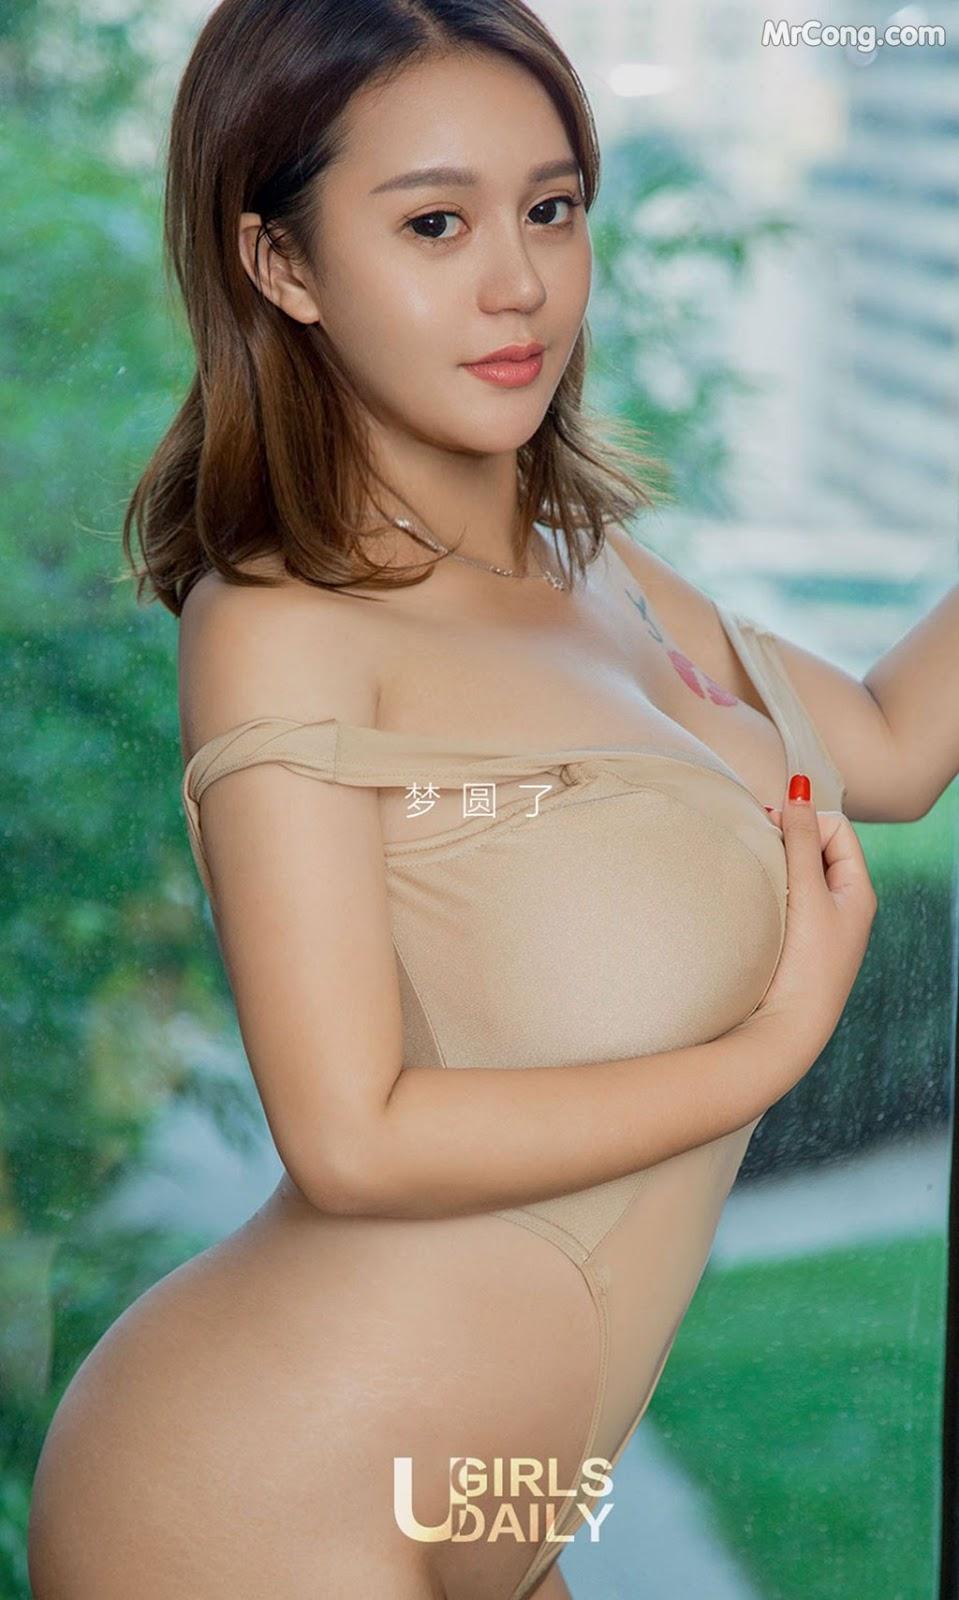 Image UGIRLS-Ai-You-Wu-App-No.913-Xiao-Meng-Meng-MrCong.com-002 in post UGIRLS – Ai You Wu App No.913: Người mẫu Xiao Meng Meng (小梦梦) (40 ảnh)